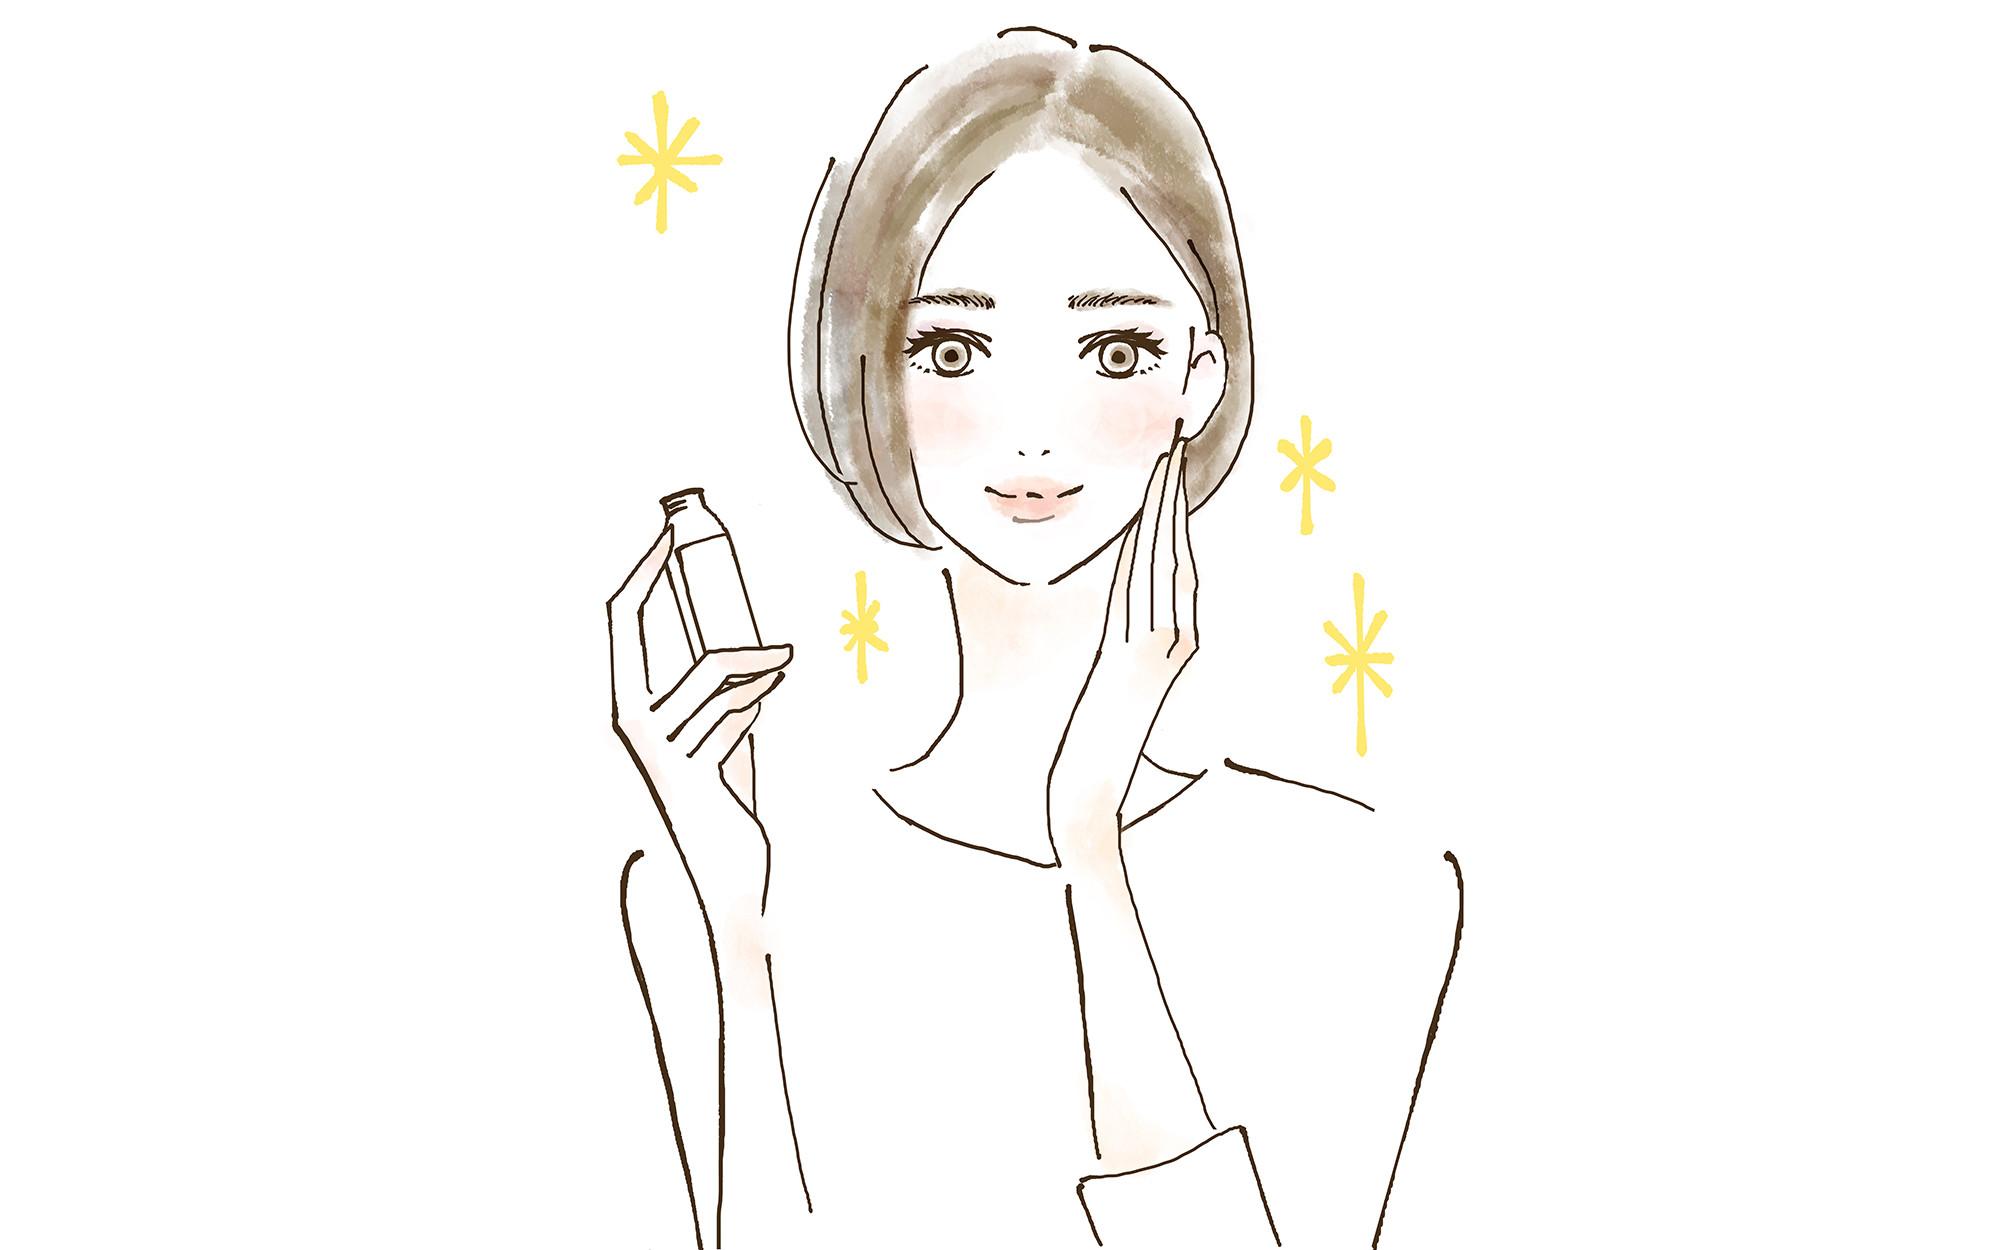 キラキラ 美容ドリンクを飲む女性 ラベル白紙